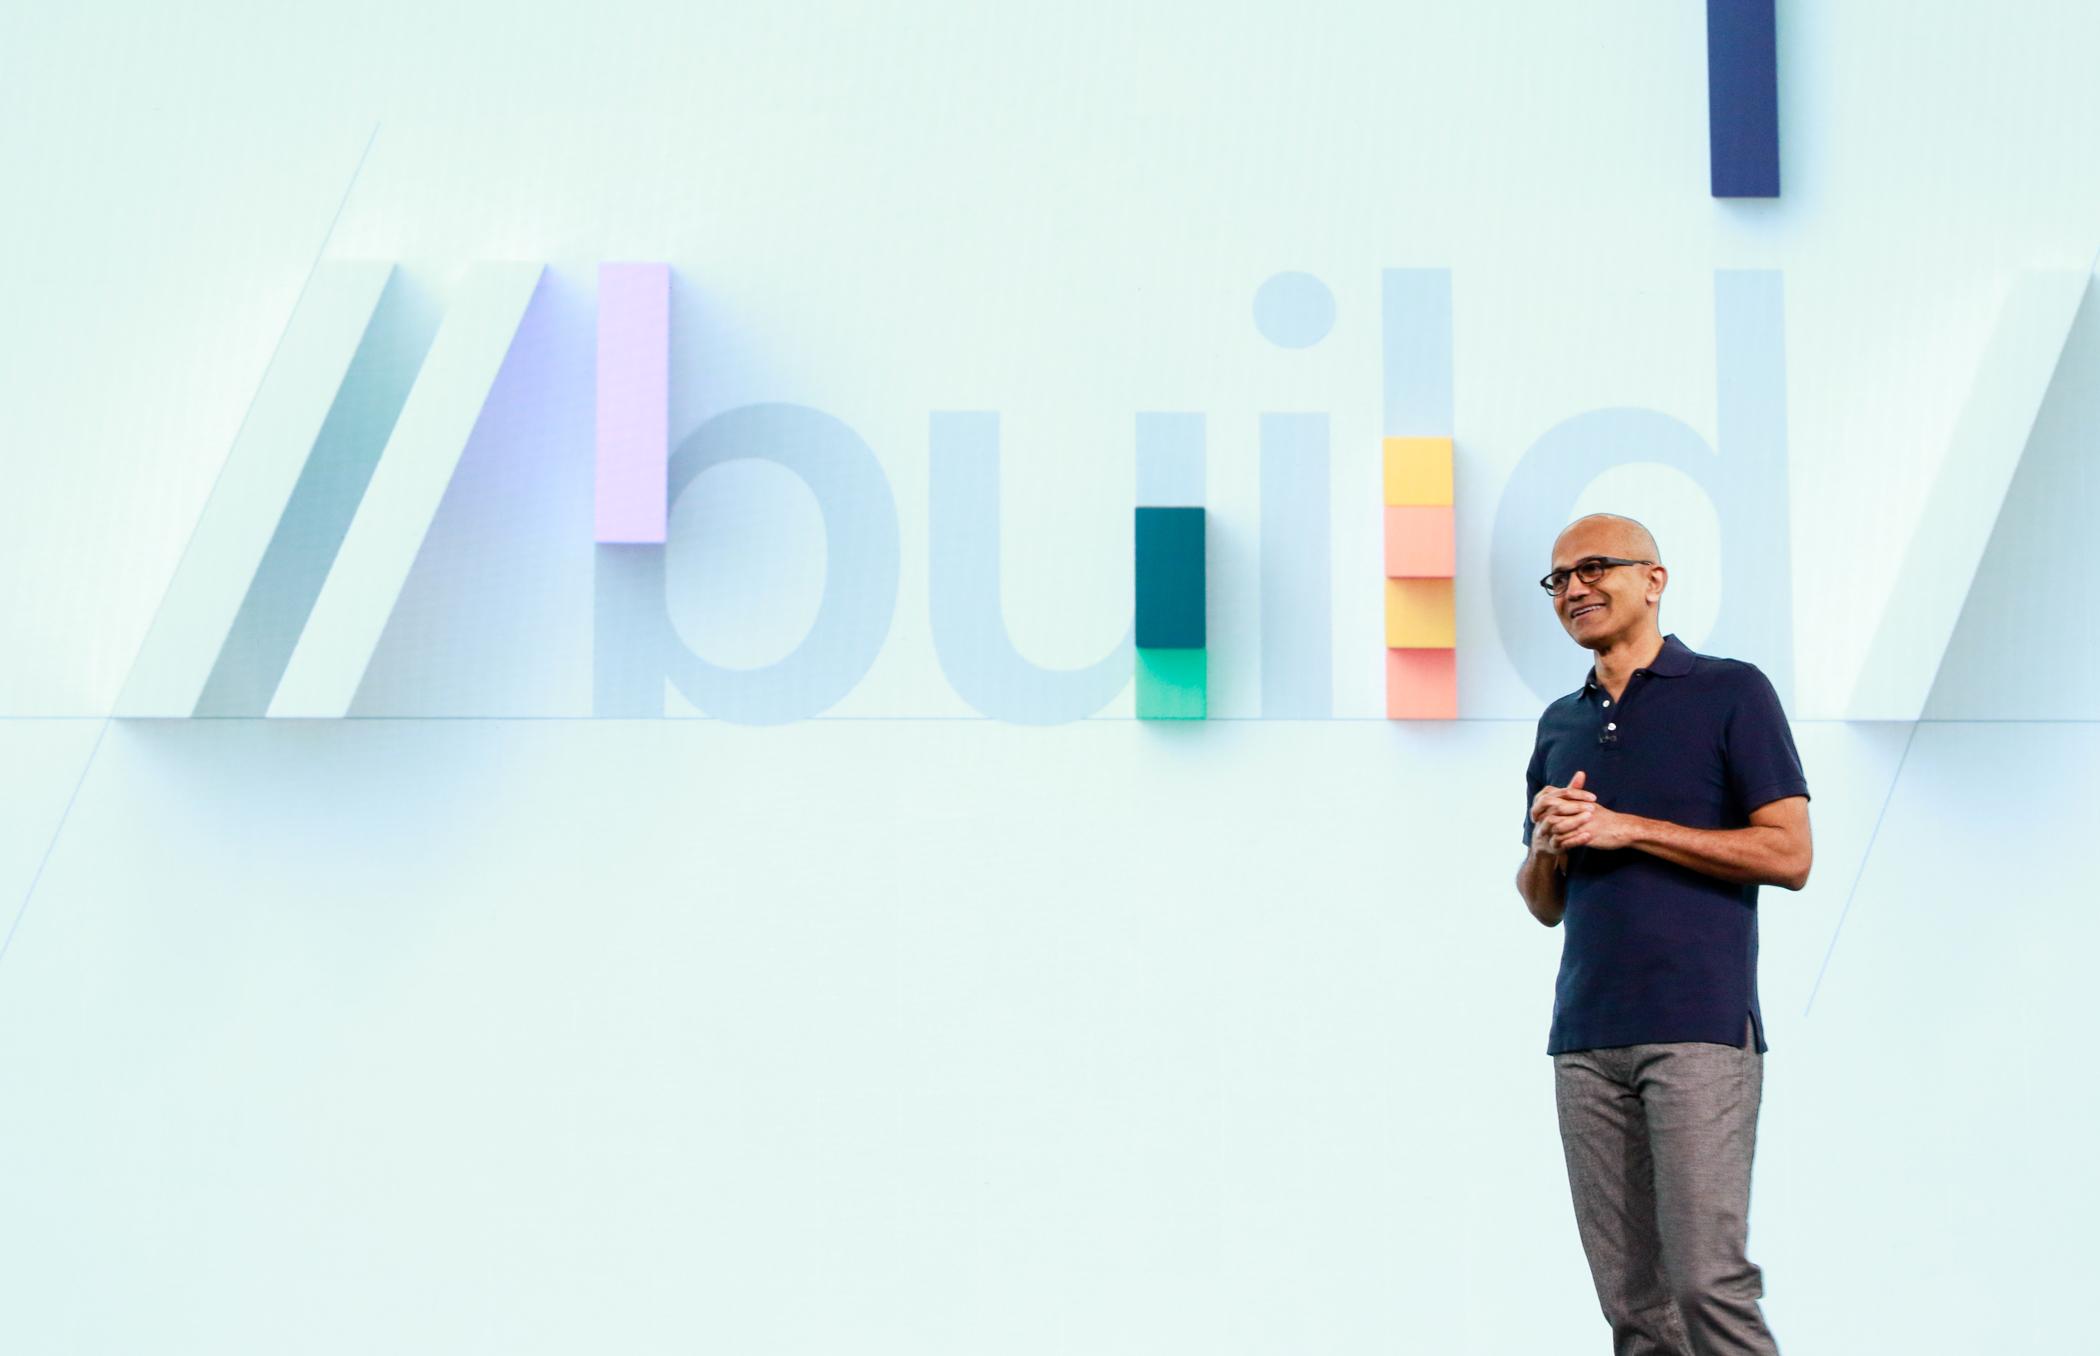 La Build 2020 de Microsoft sera remplacée par des vidéoconférences — Coronavirus